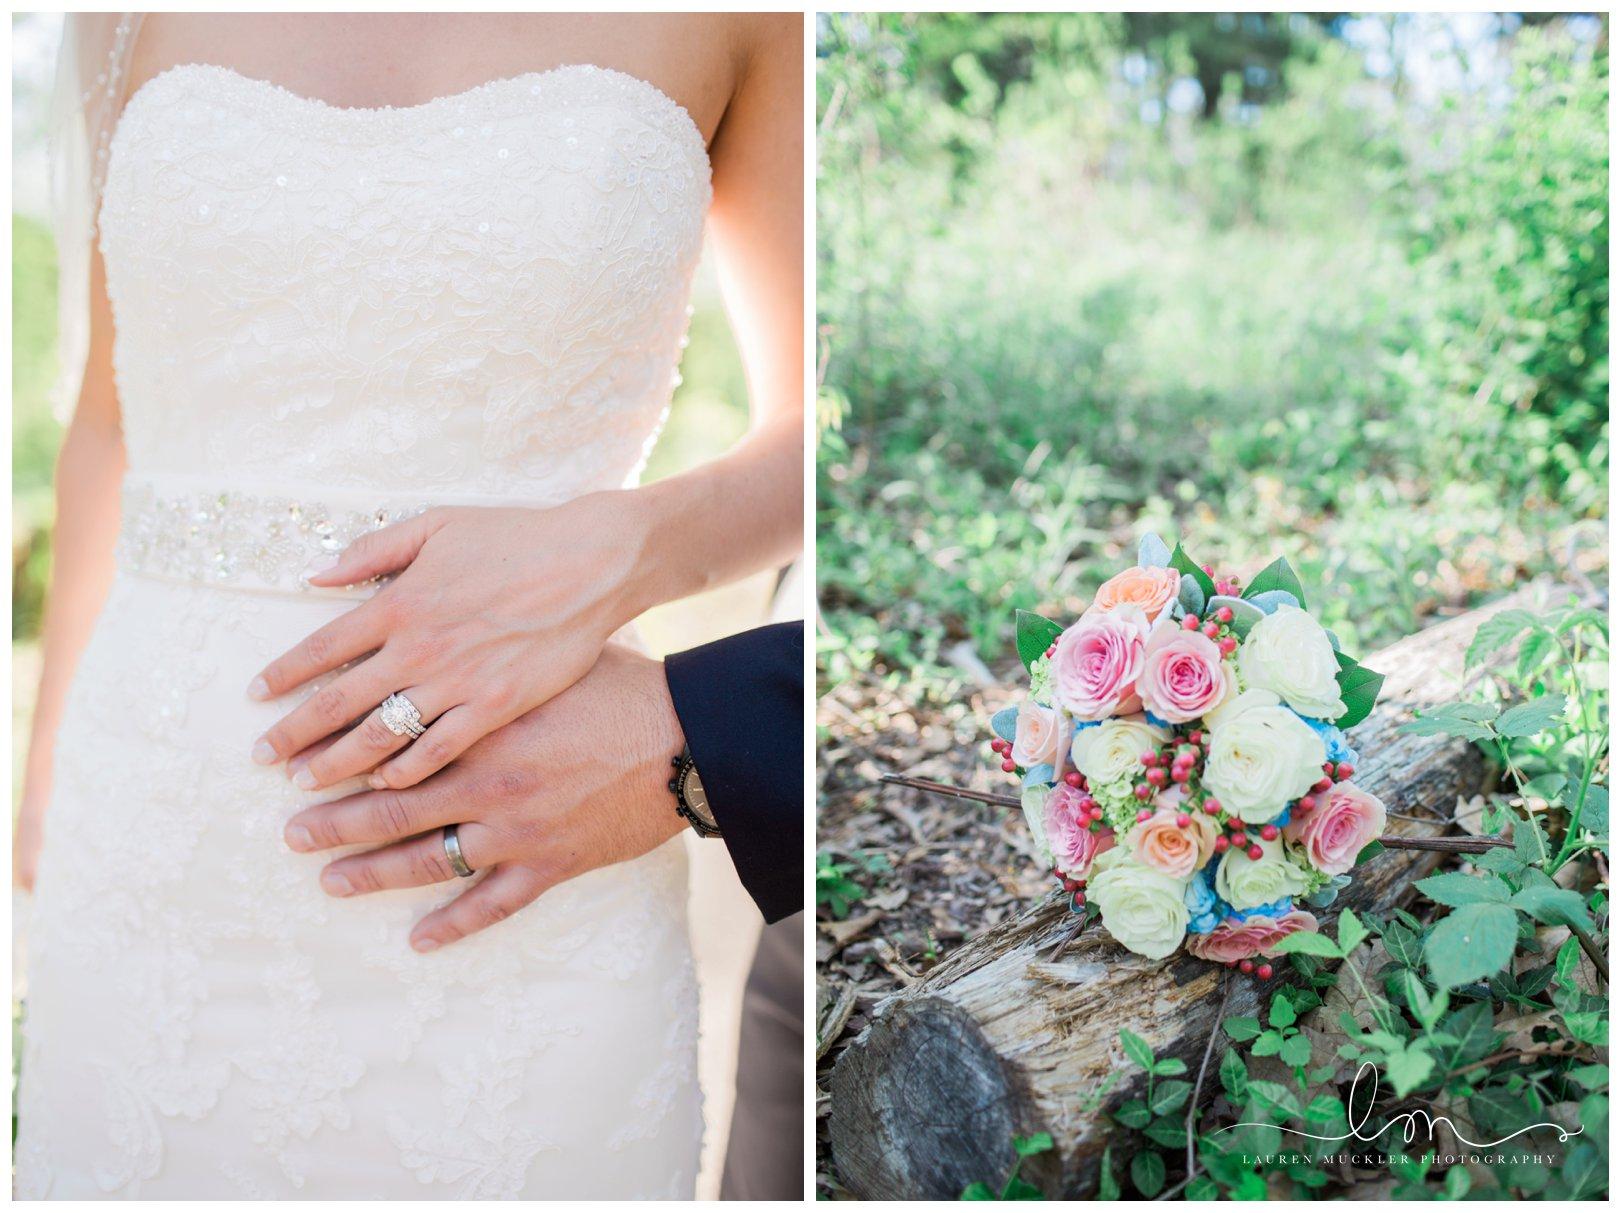 lauren muckler photography_fine art film wedding photography_st louis_photography_0032.jpg